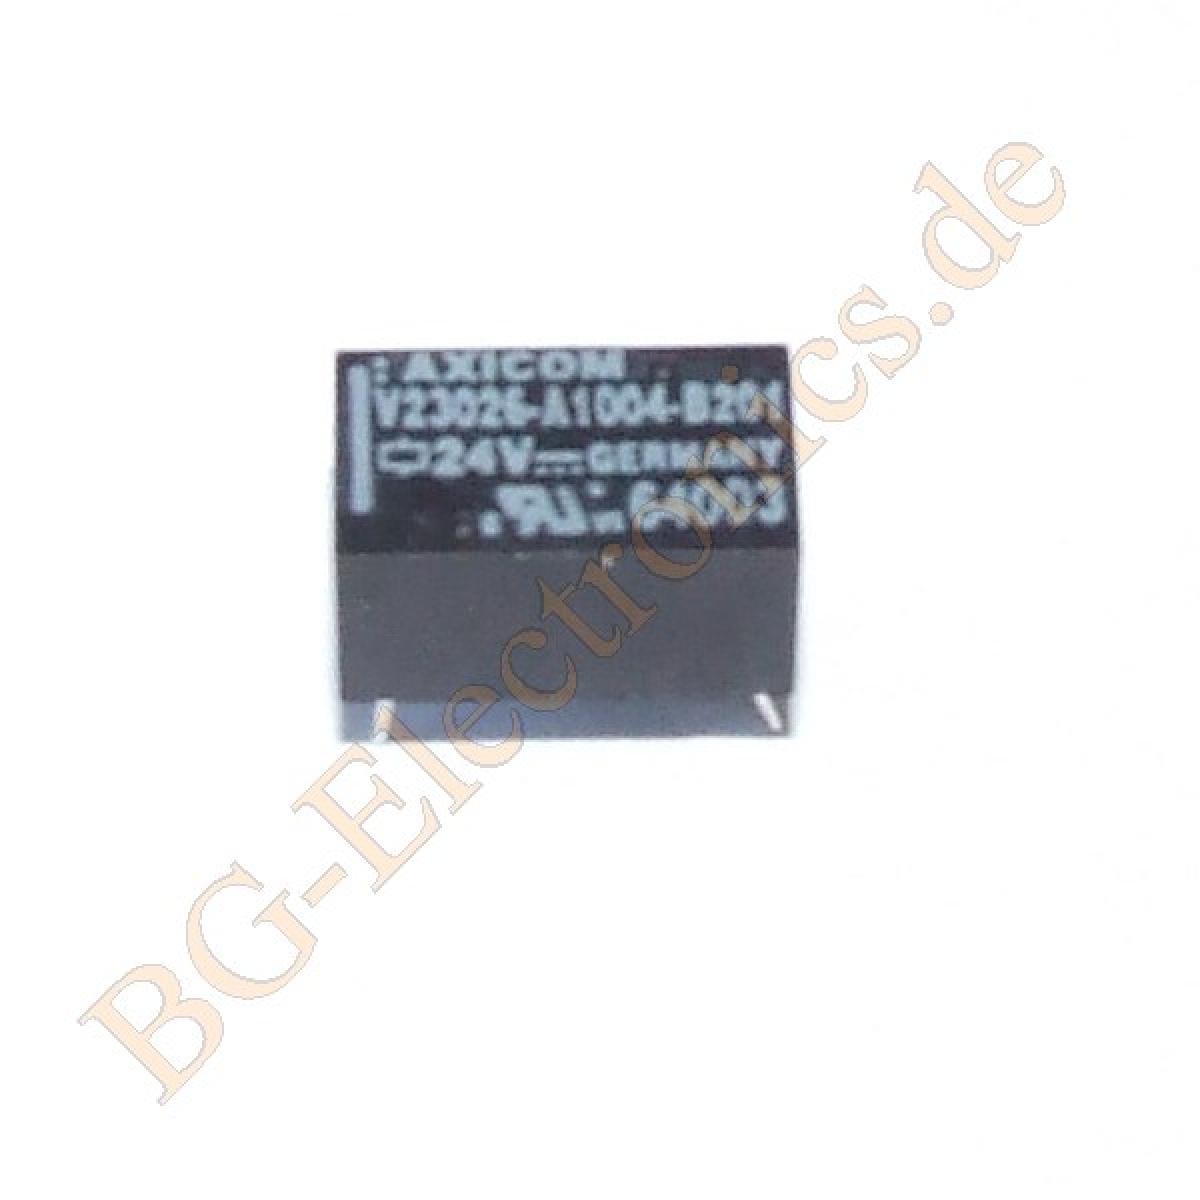 1-x-V23026-A1004-B201-Low-Signal-Relays-PCB-7-62mm-6-9mm-13mm-Axicom-1pcs